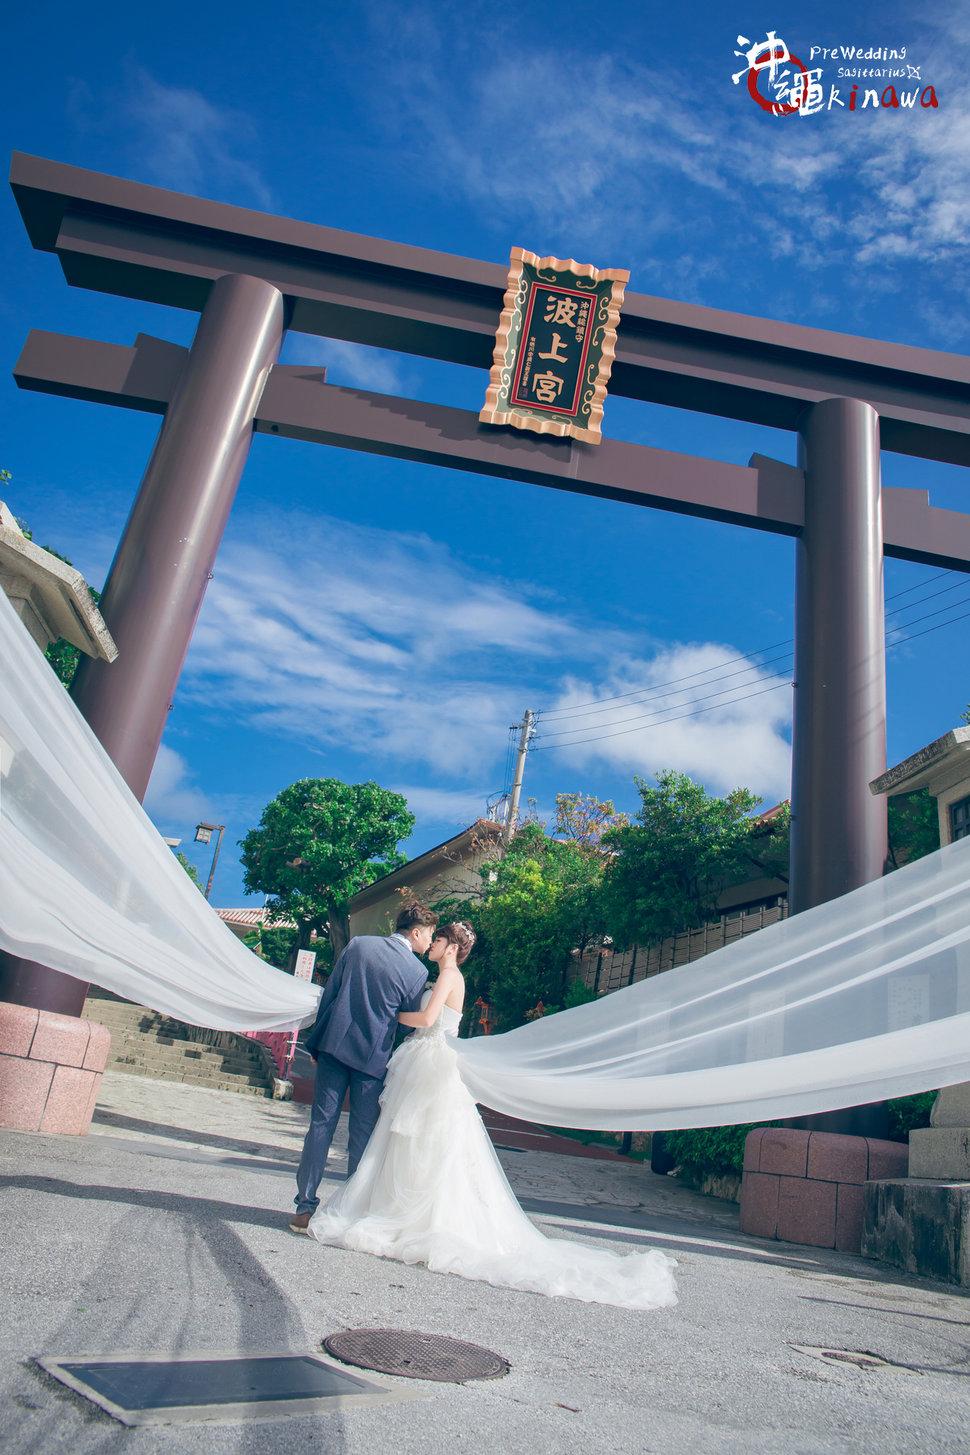 嘉麟 & 胤芳 Overseas Pre Wedding For Okinawa 沖繩海外婚紗(編號:551942) - 射手的天空 / 海外婚紗 婚禮 婚攝工作 - 結婚吧